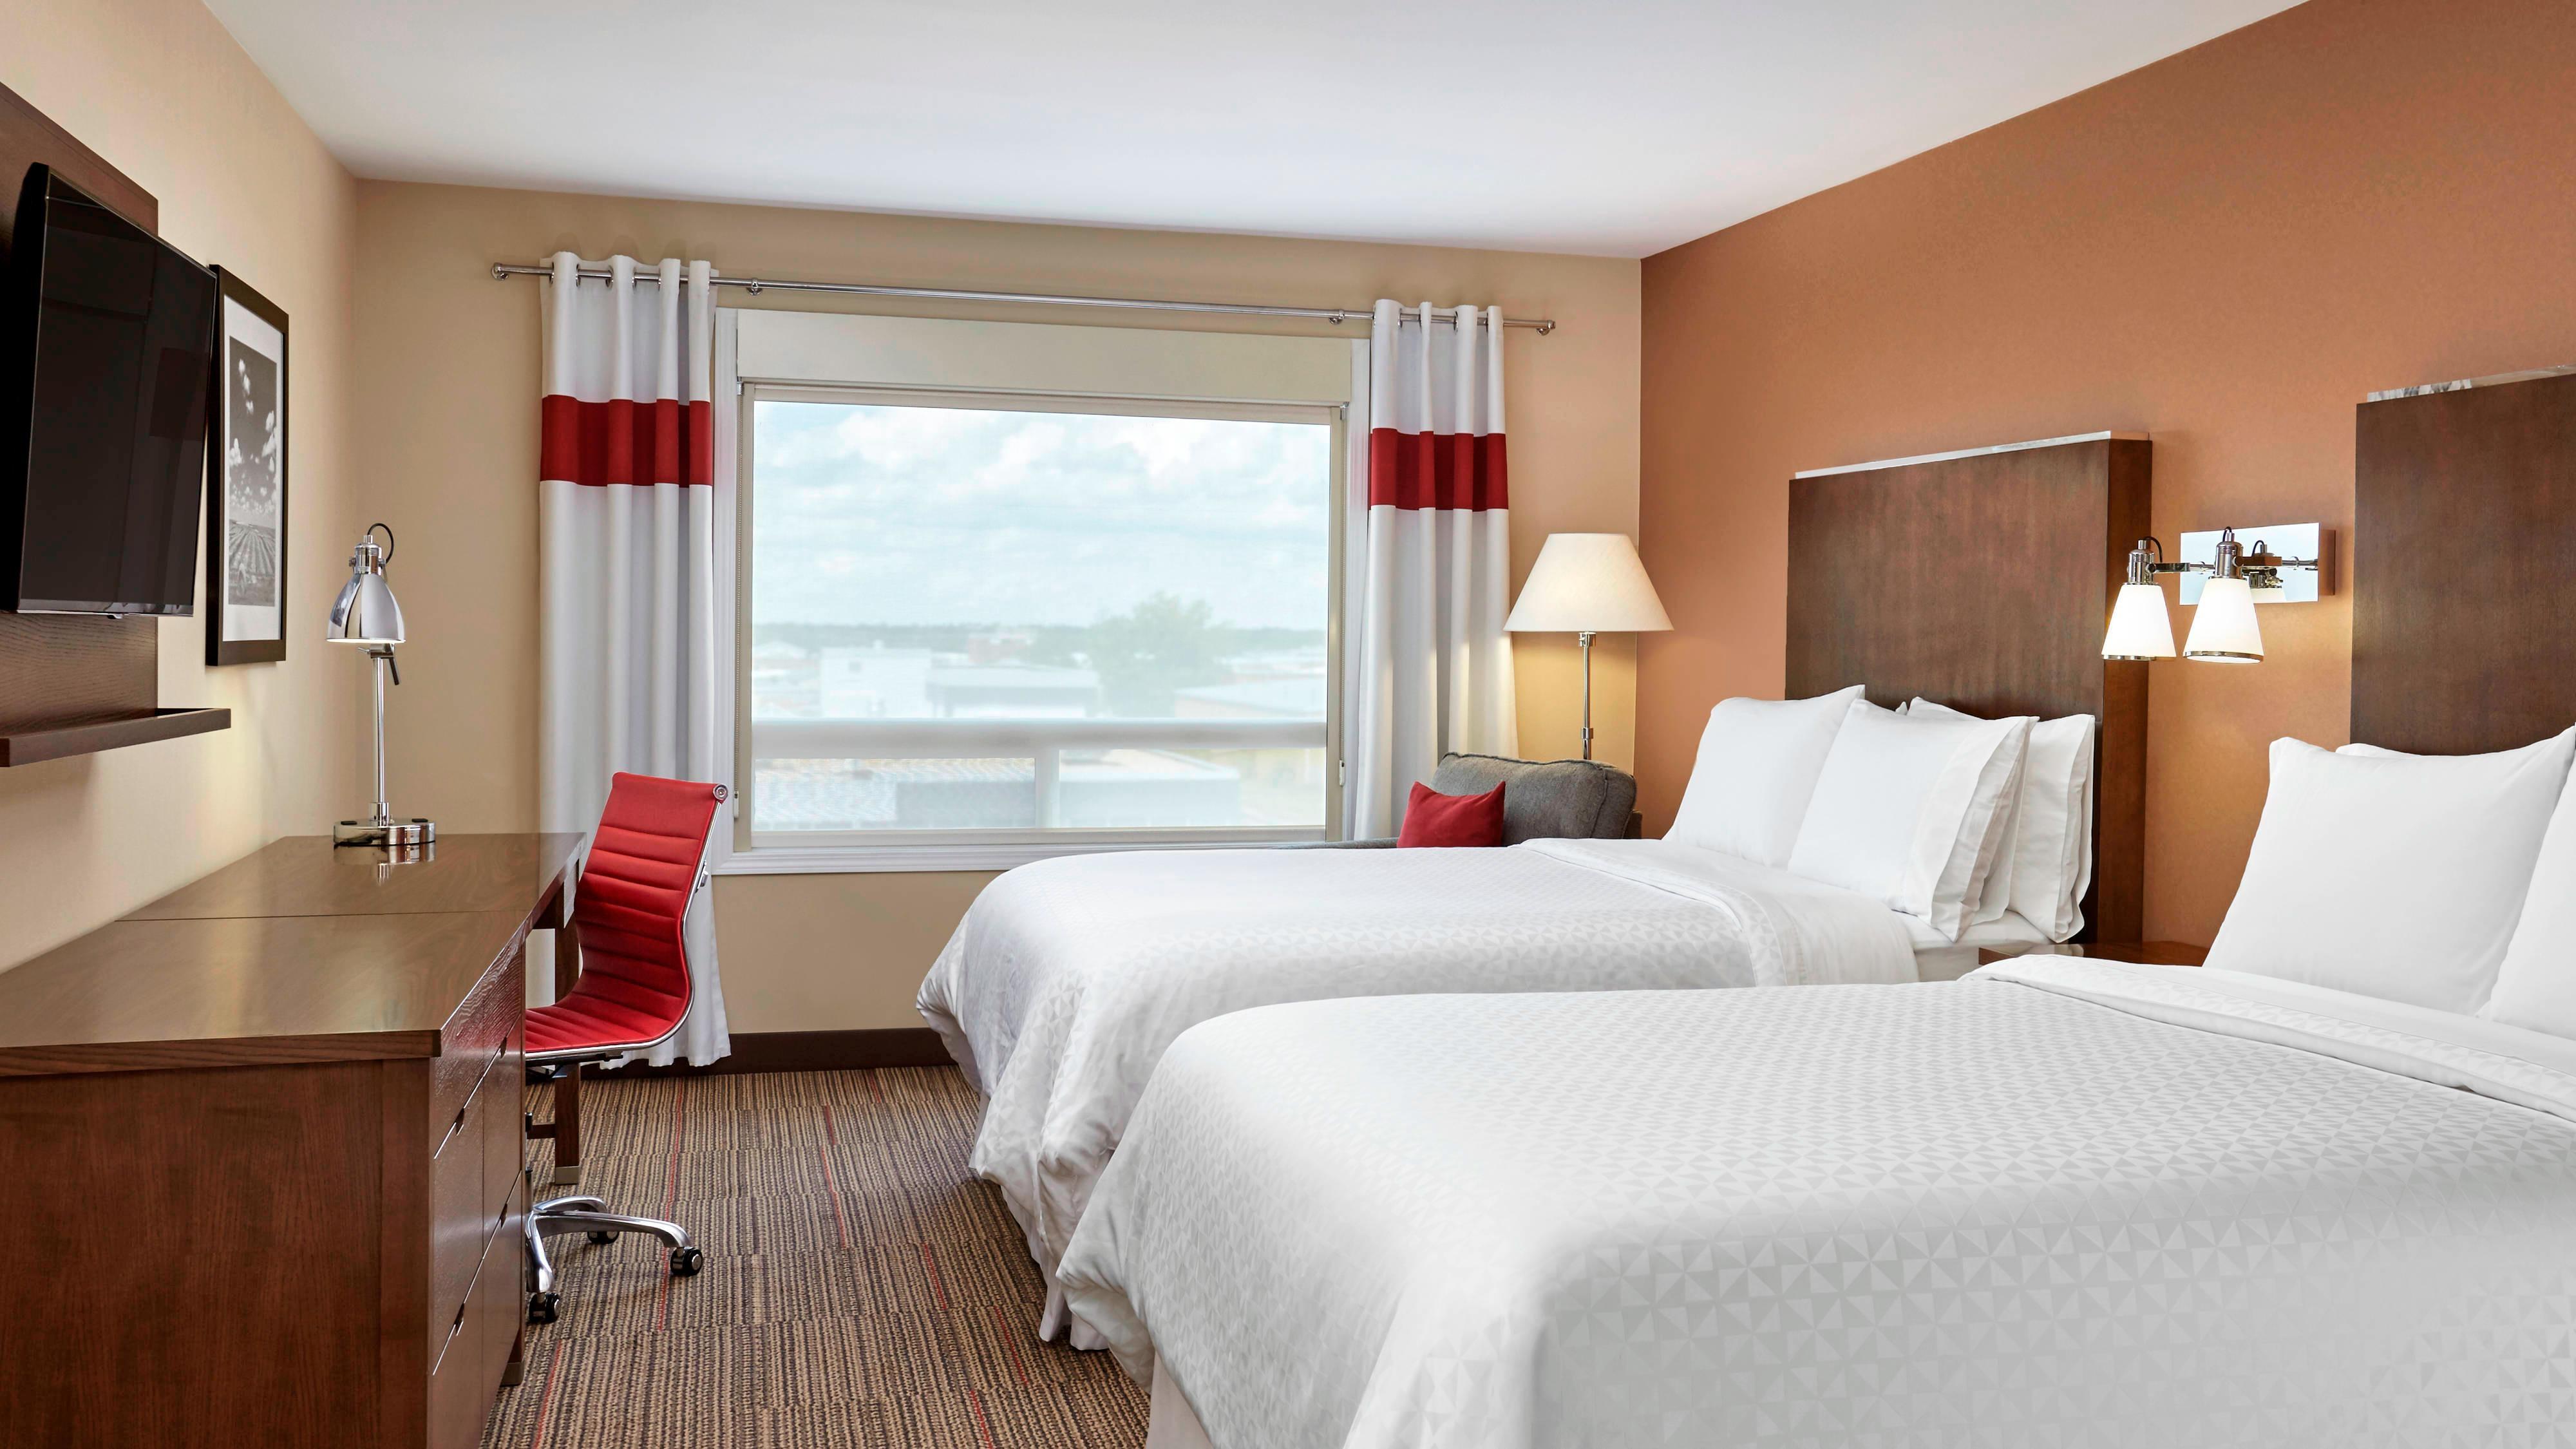 Queen/Queen Guest Room beds